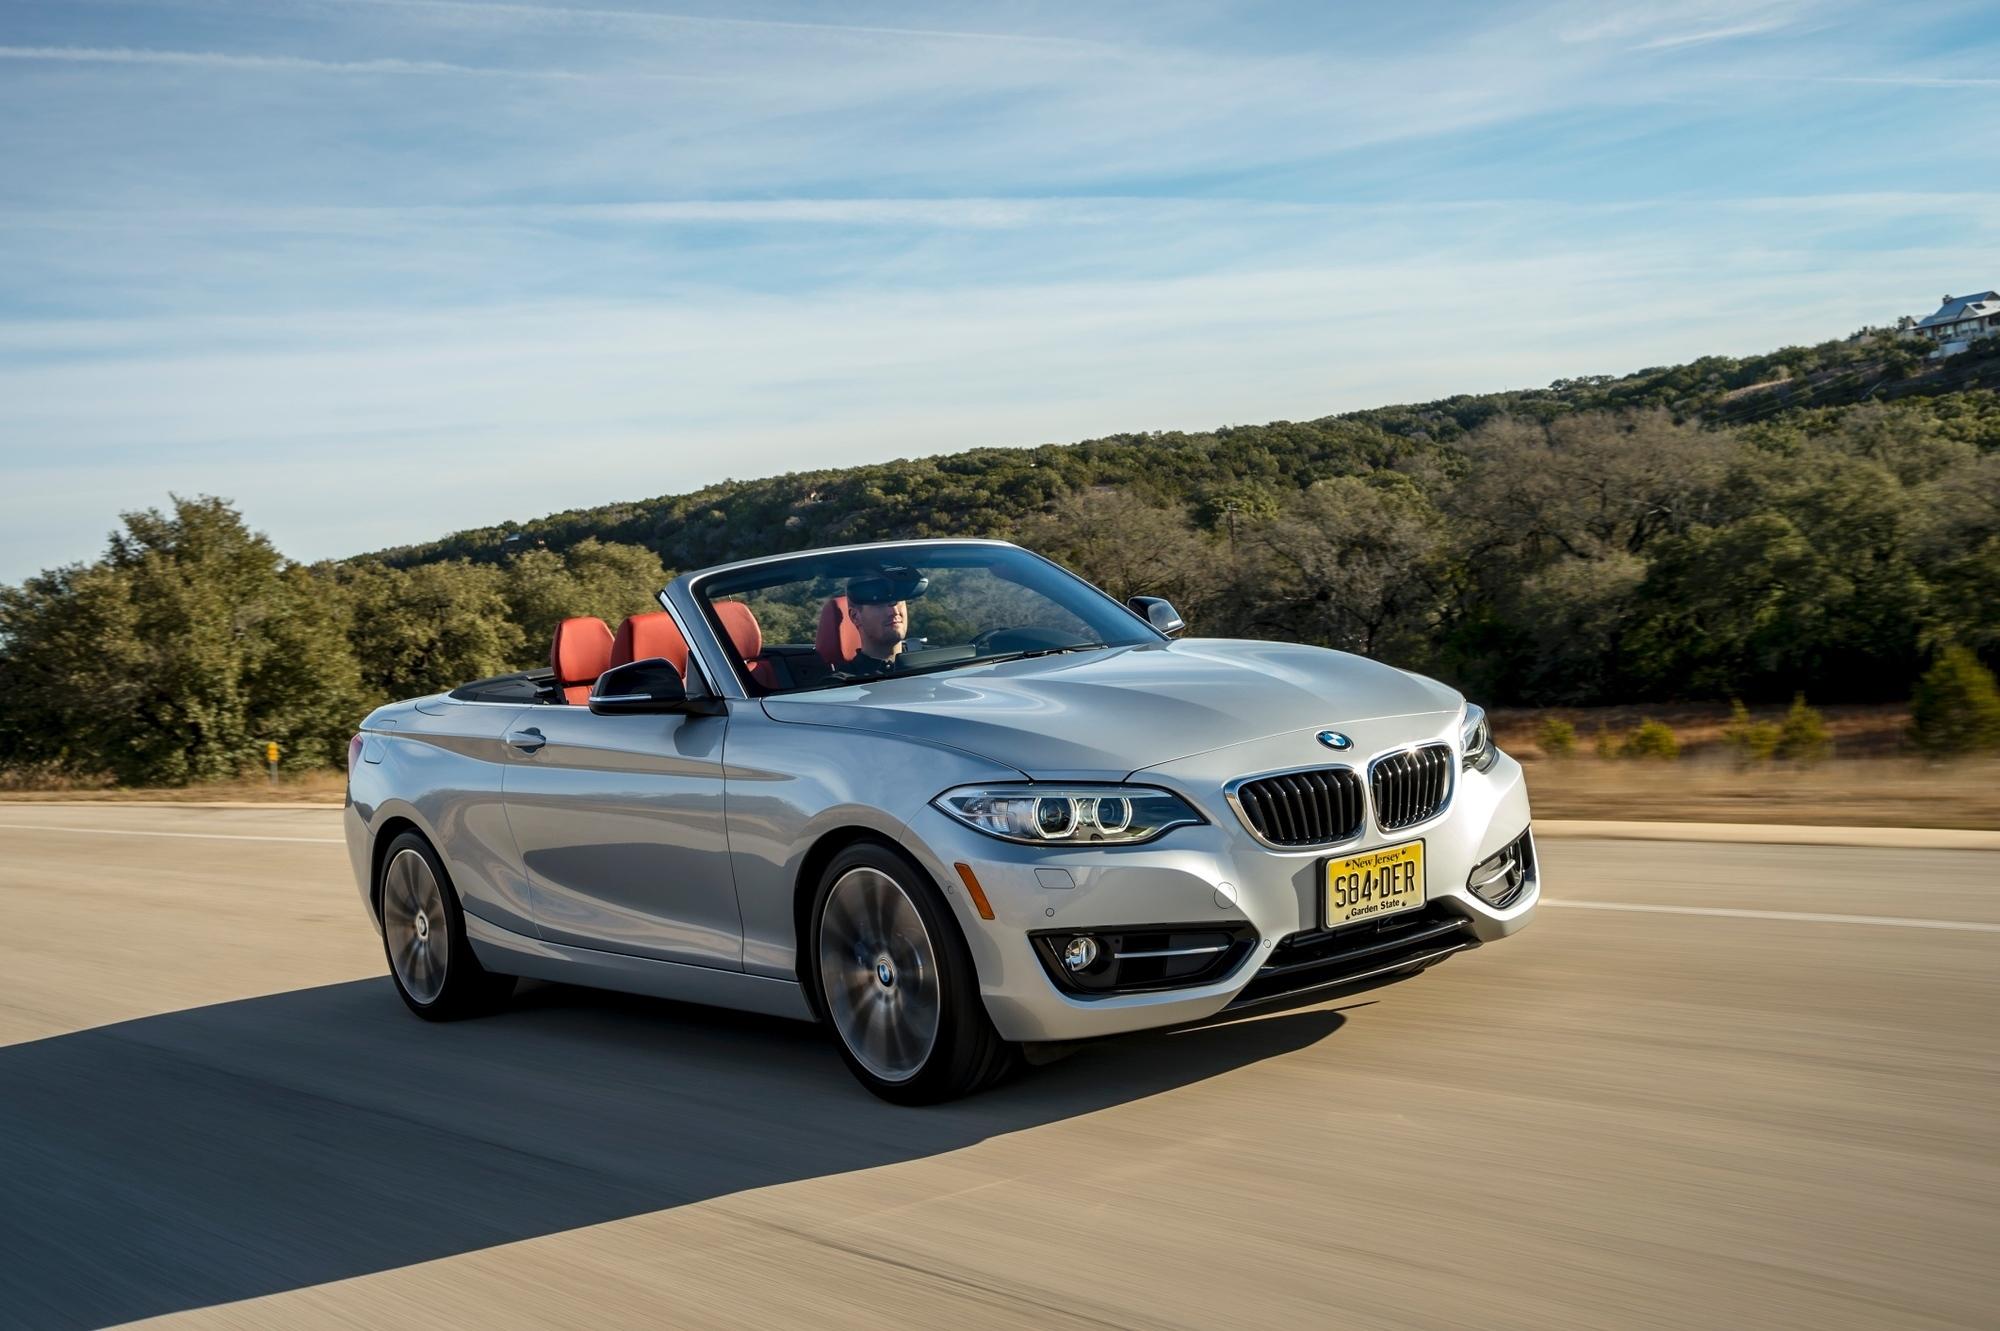 Fahrbericht: BMW 228i Cabrio - Offen gesagt gut